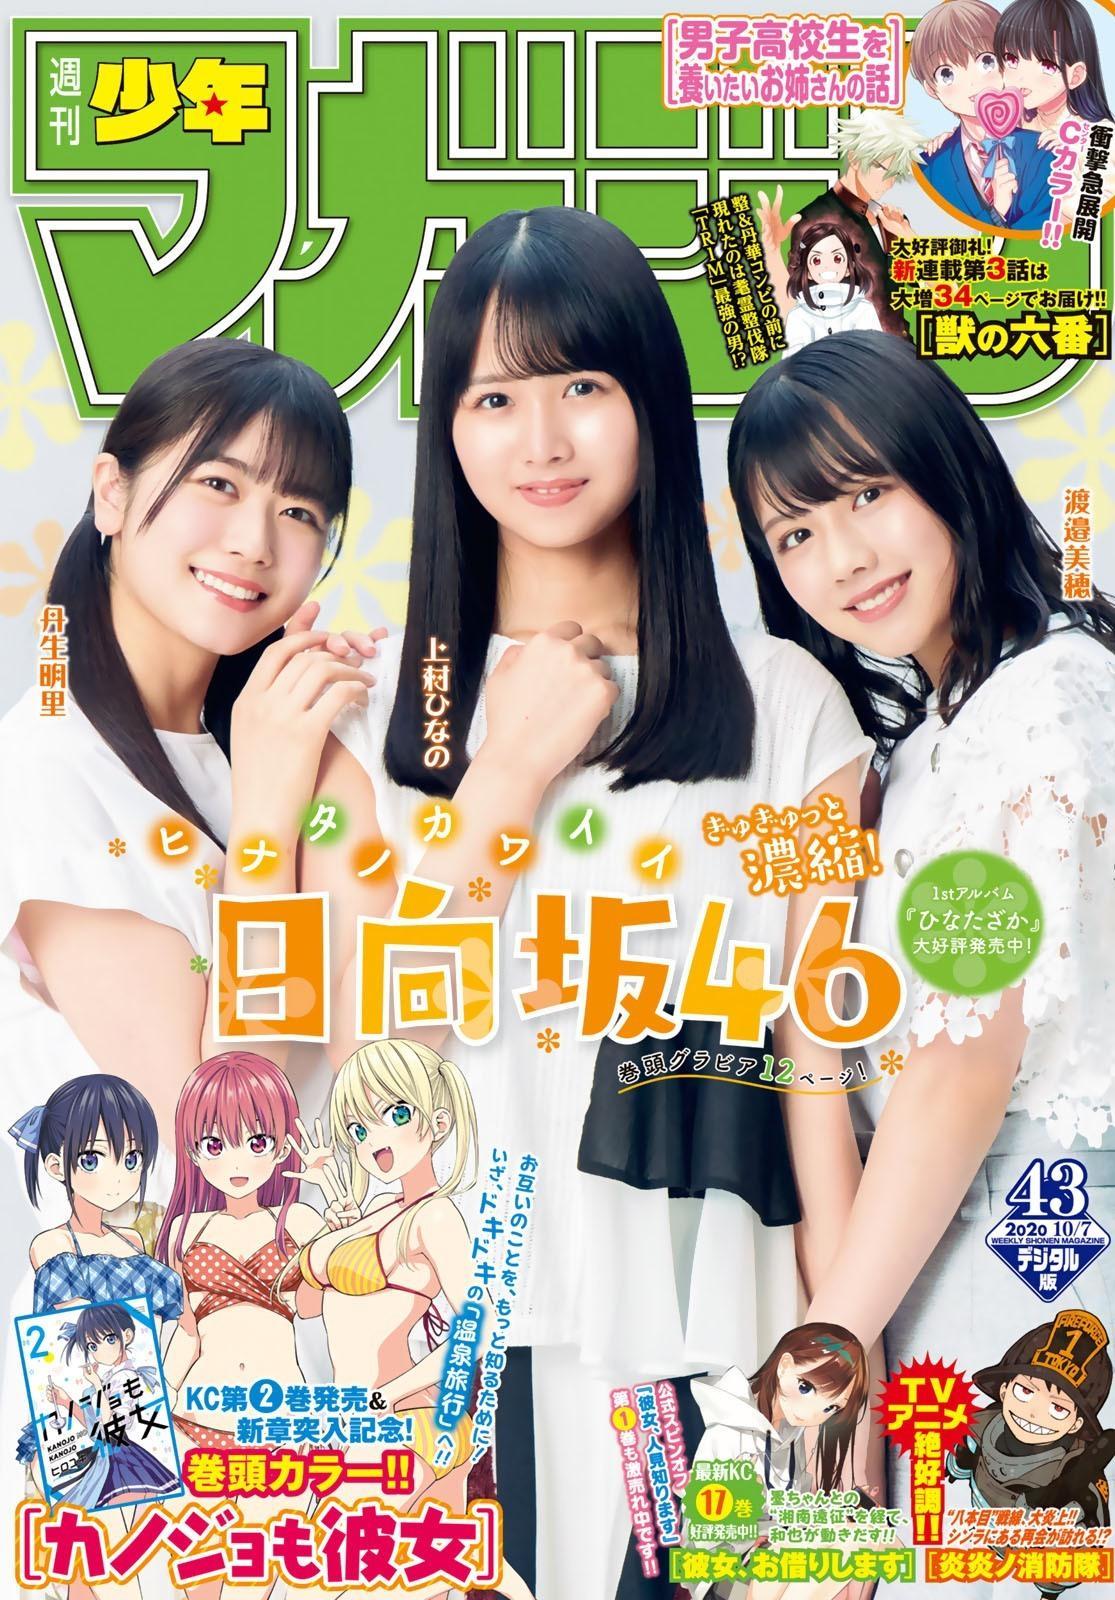 丹生明里 上村雏乃 渡边美穗 Young Magazine